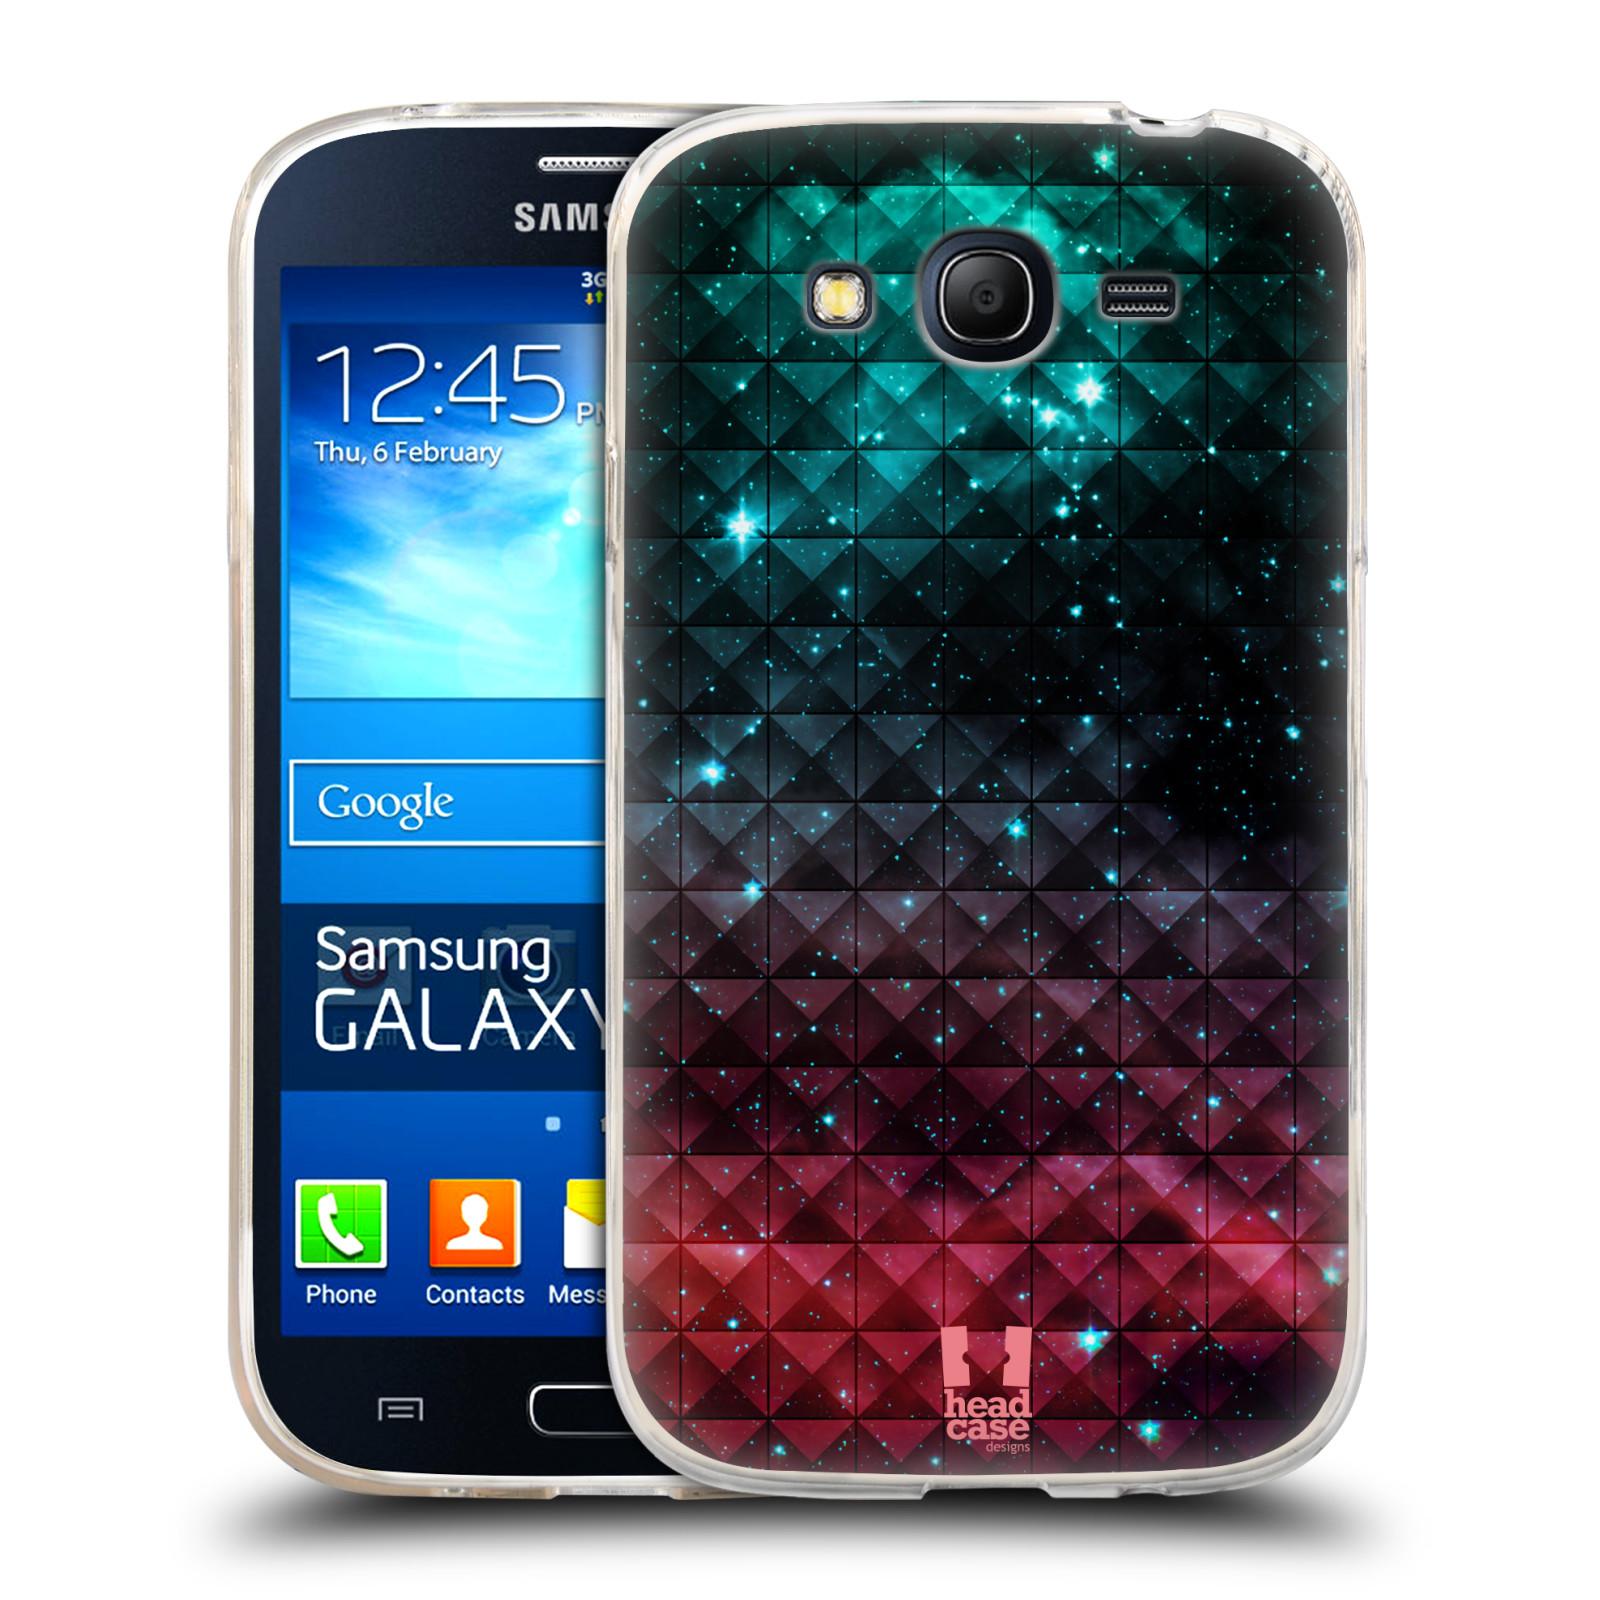 Silikonové pouzdro na mobil Samsung Galaxy Grand Neo HEAD CASE OMBRE SPARKLE (Silikonový kryt či obal na mobilní telefon Samsung Galaxy Grand Neo GT-I9060)